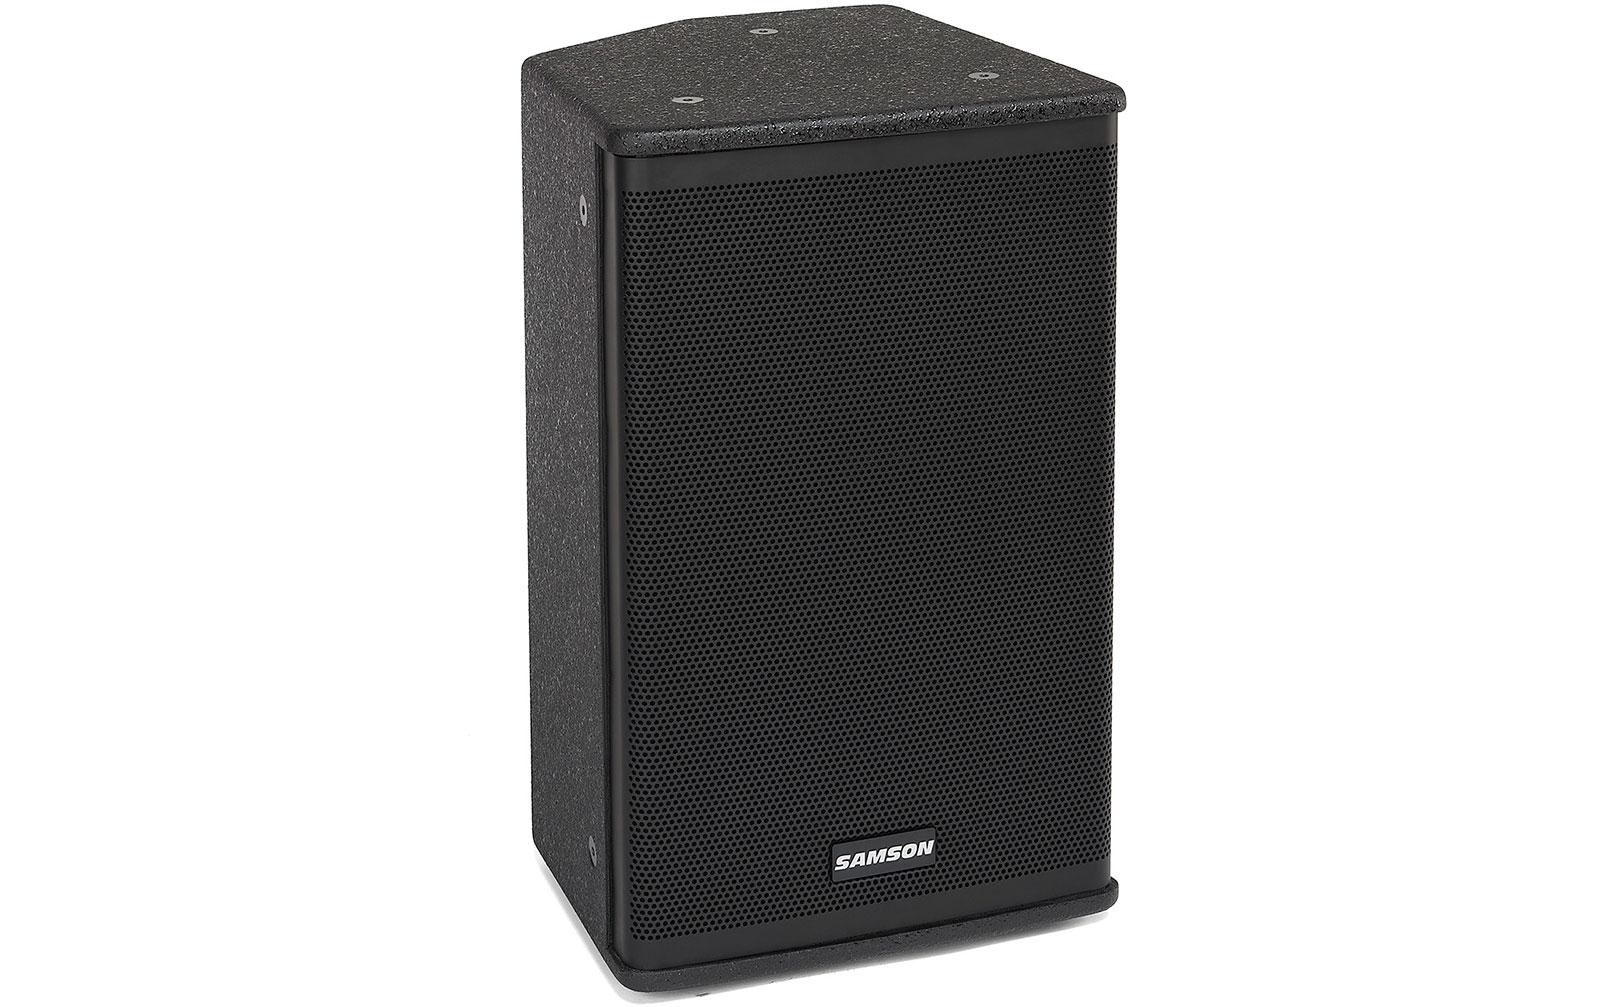 samson-rsx110-pa-loudspeaker